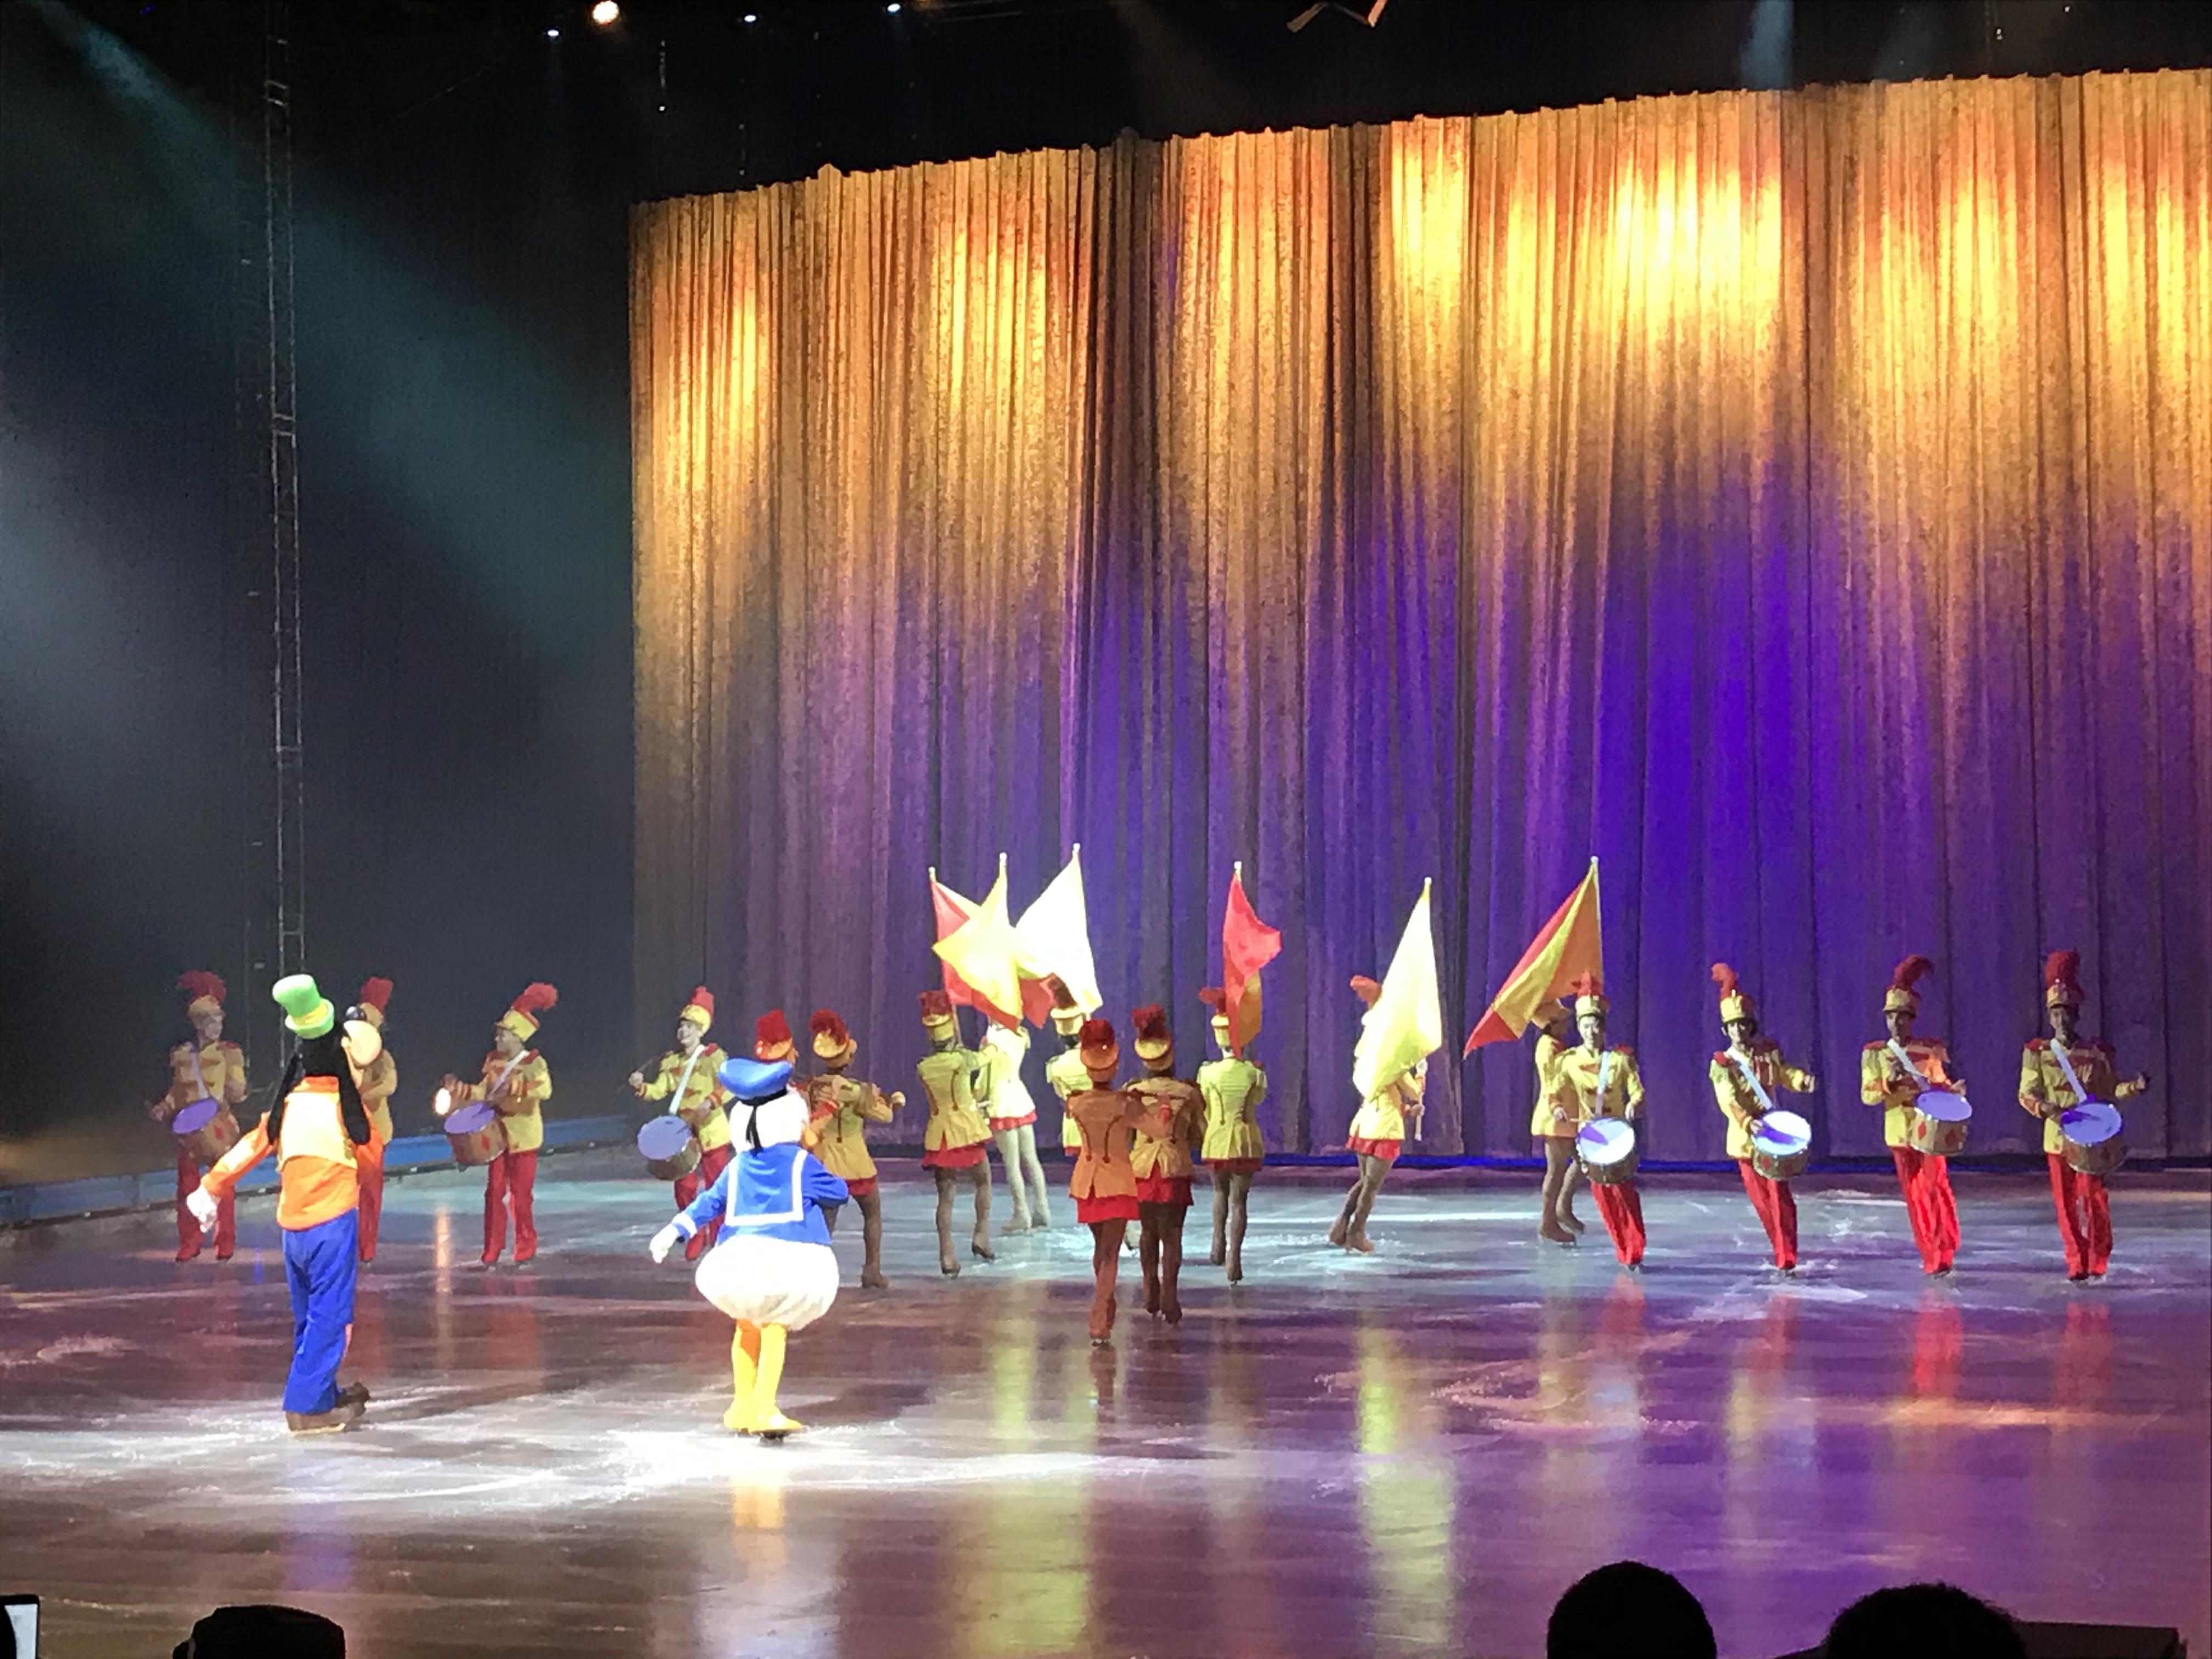 Disney On Ice celebra sus 100 años en Medellín - Imagen 5